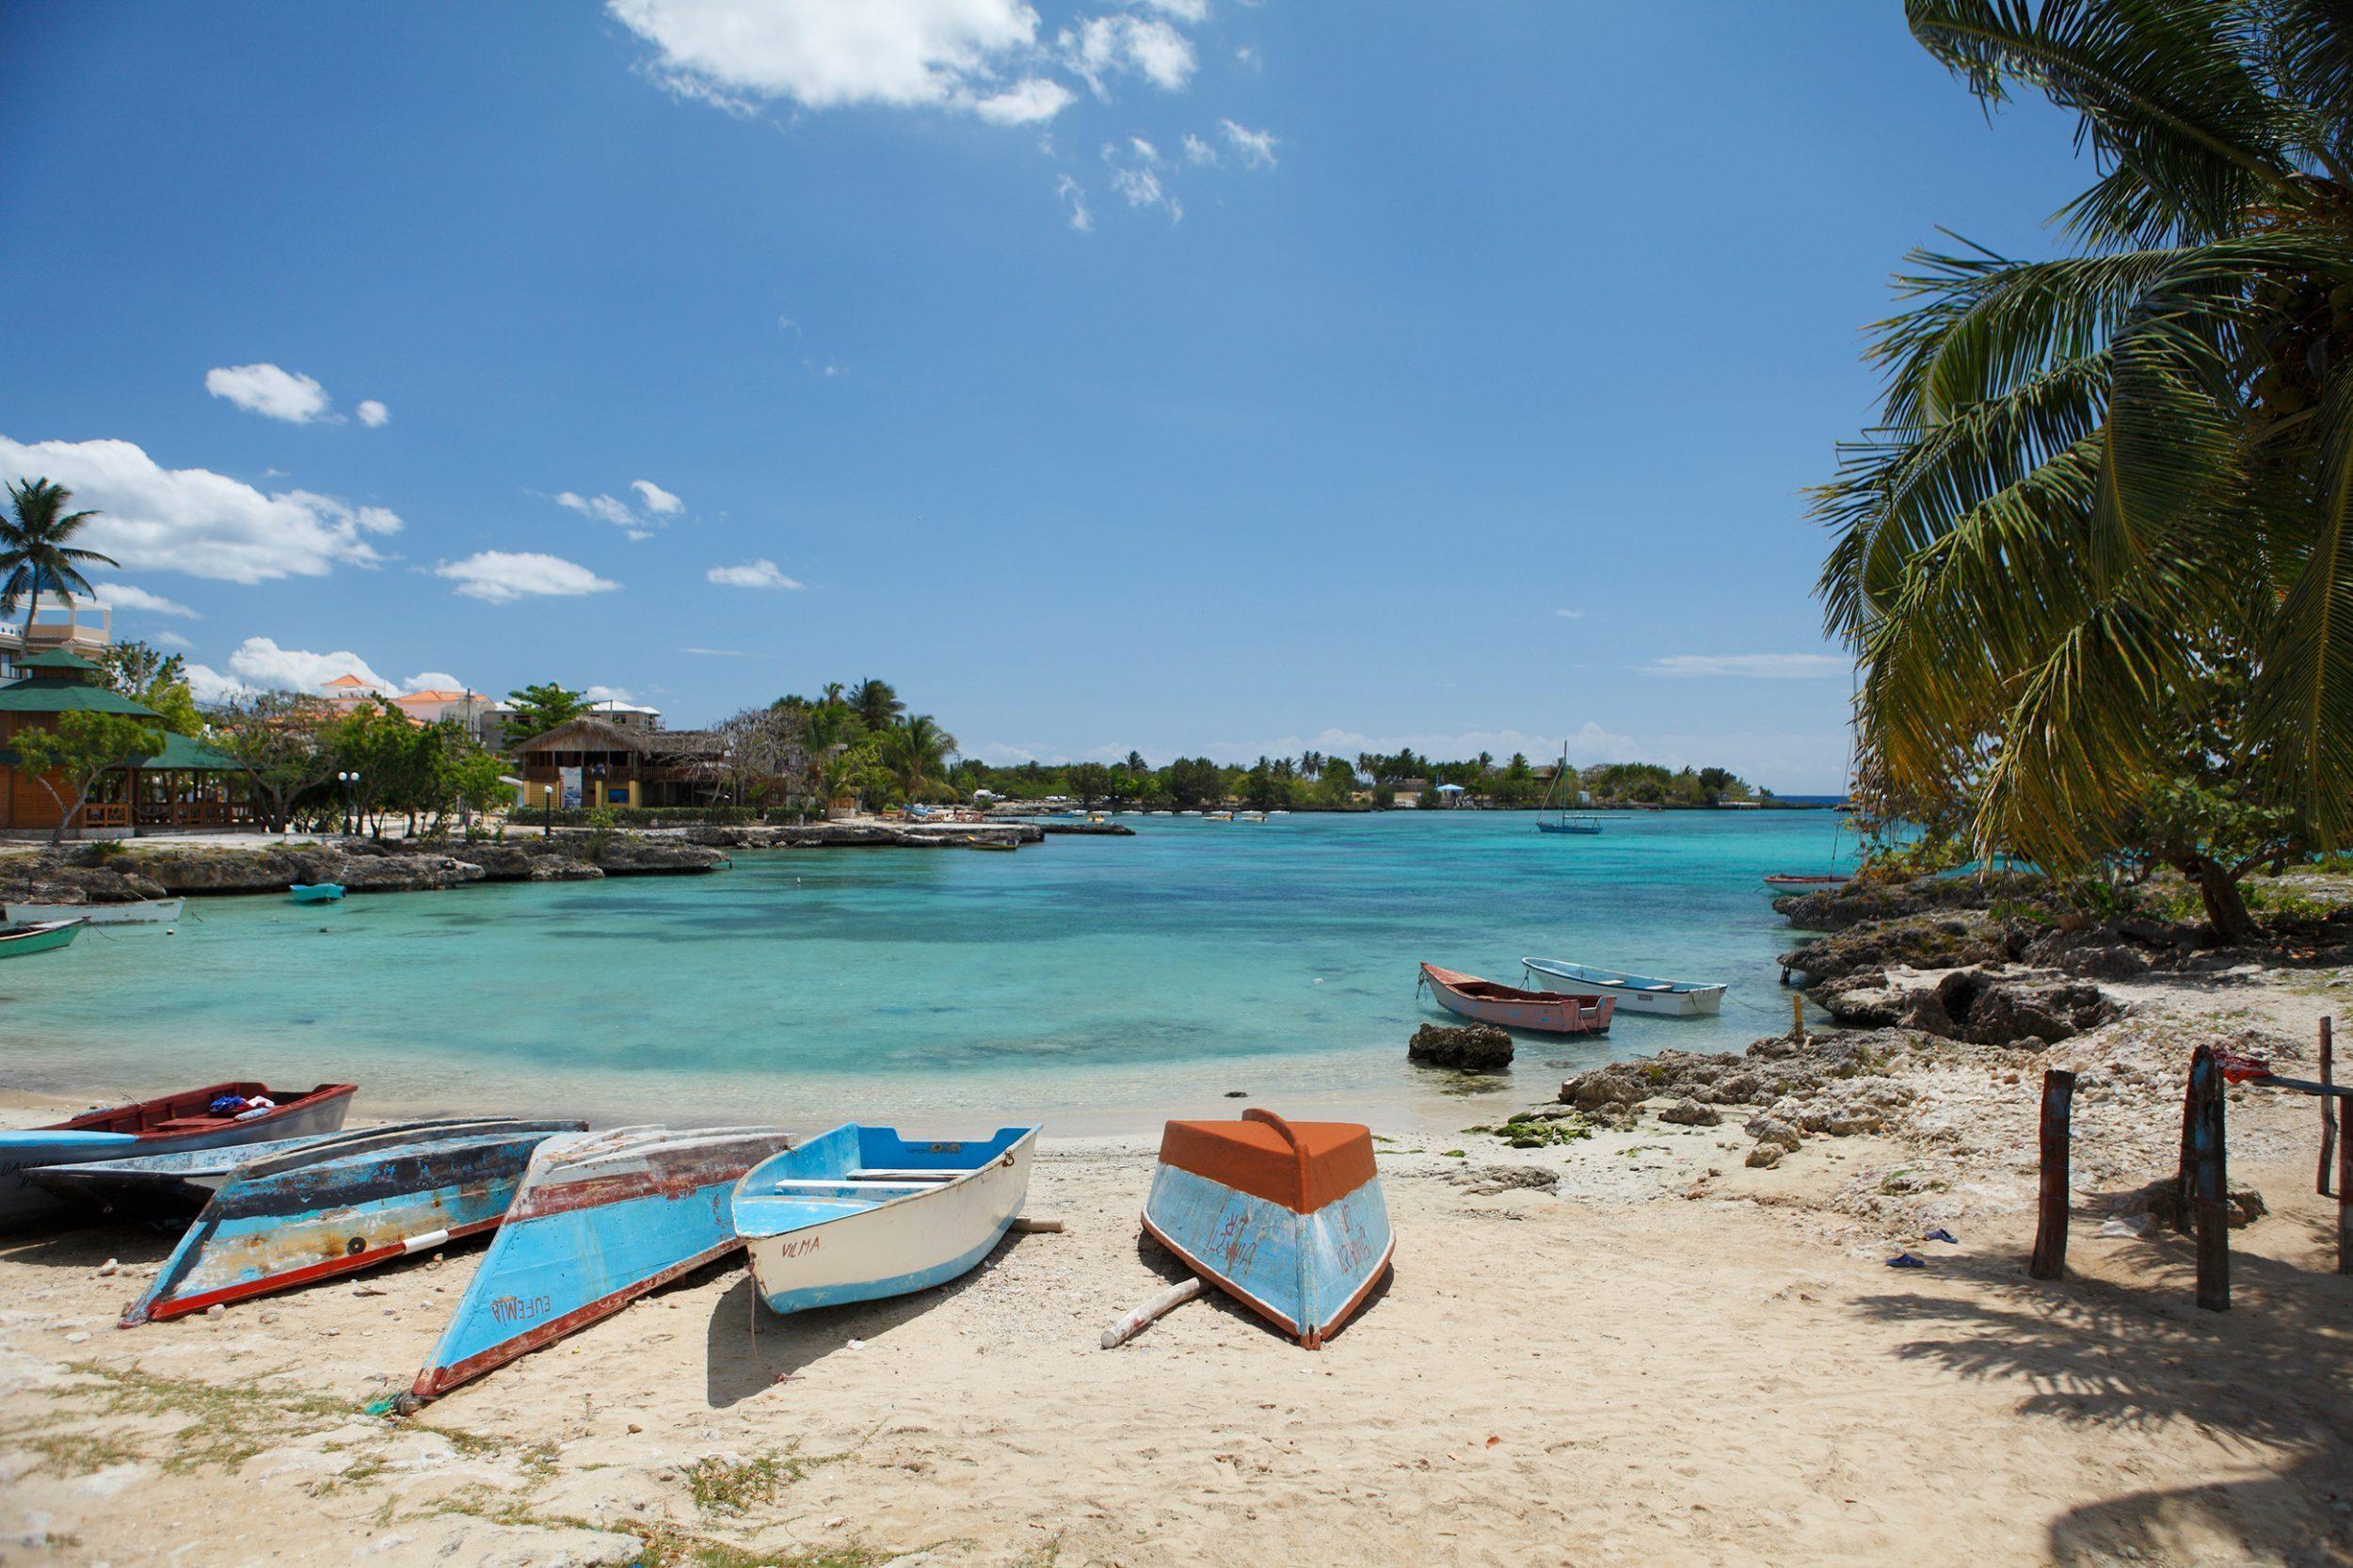 Исторические факты и географическое положение Байяибе в Доминикане